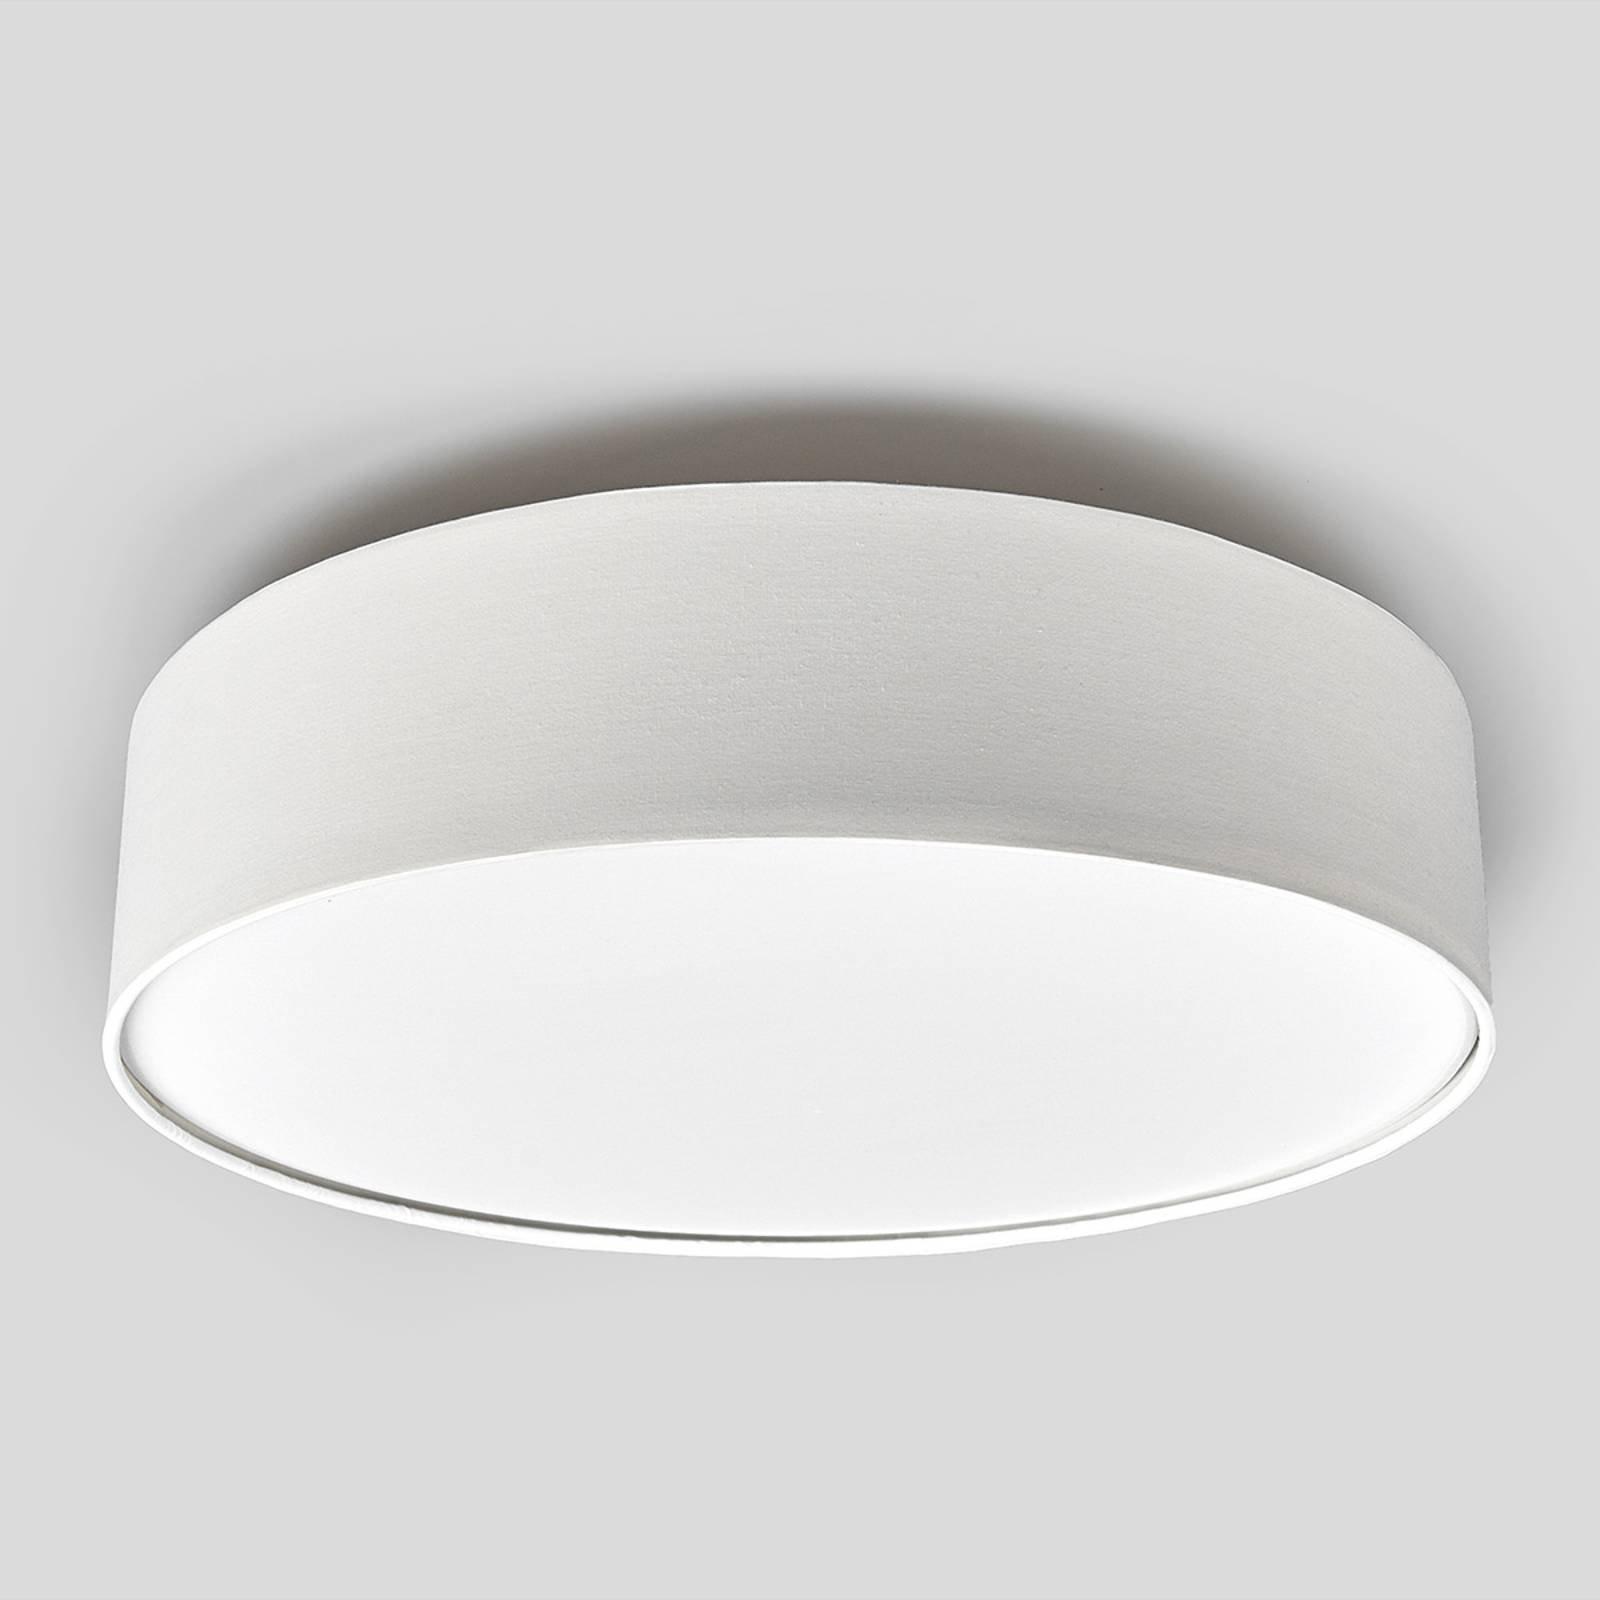 Kremfarget LED-taklampe Sebatin av stoff